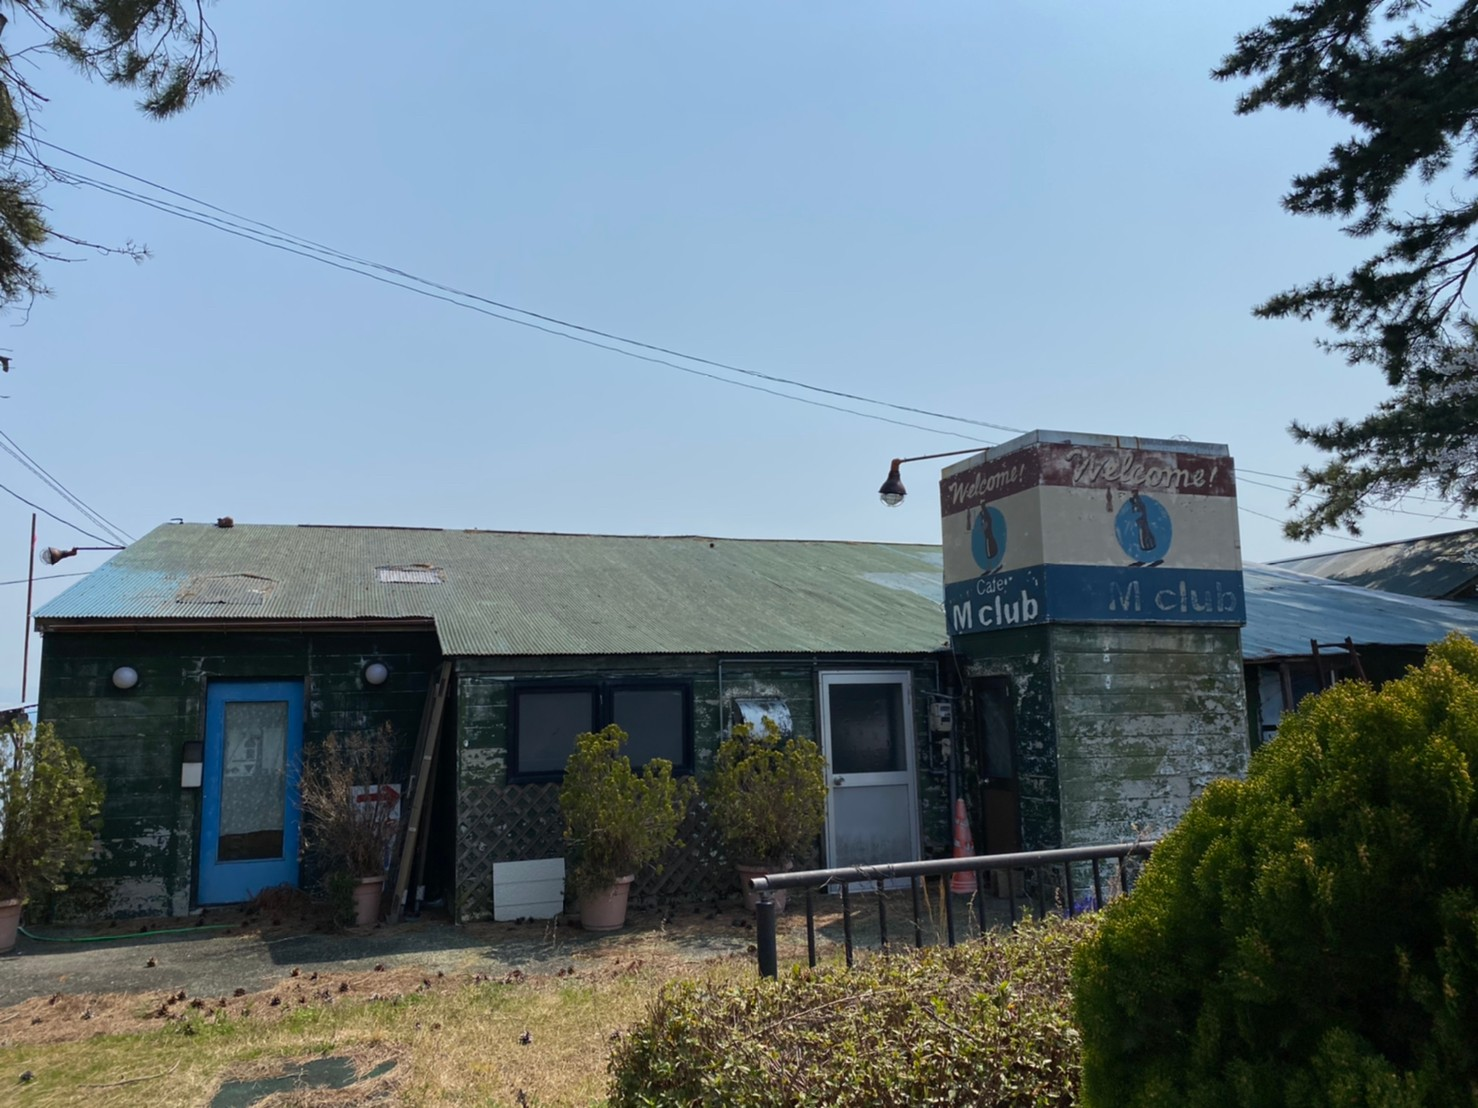 【琵琶湖西エリア】『高島市 浜分沼・今津浜水泳場』の釣り場ガイド(駐車場・釣れる魚)